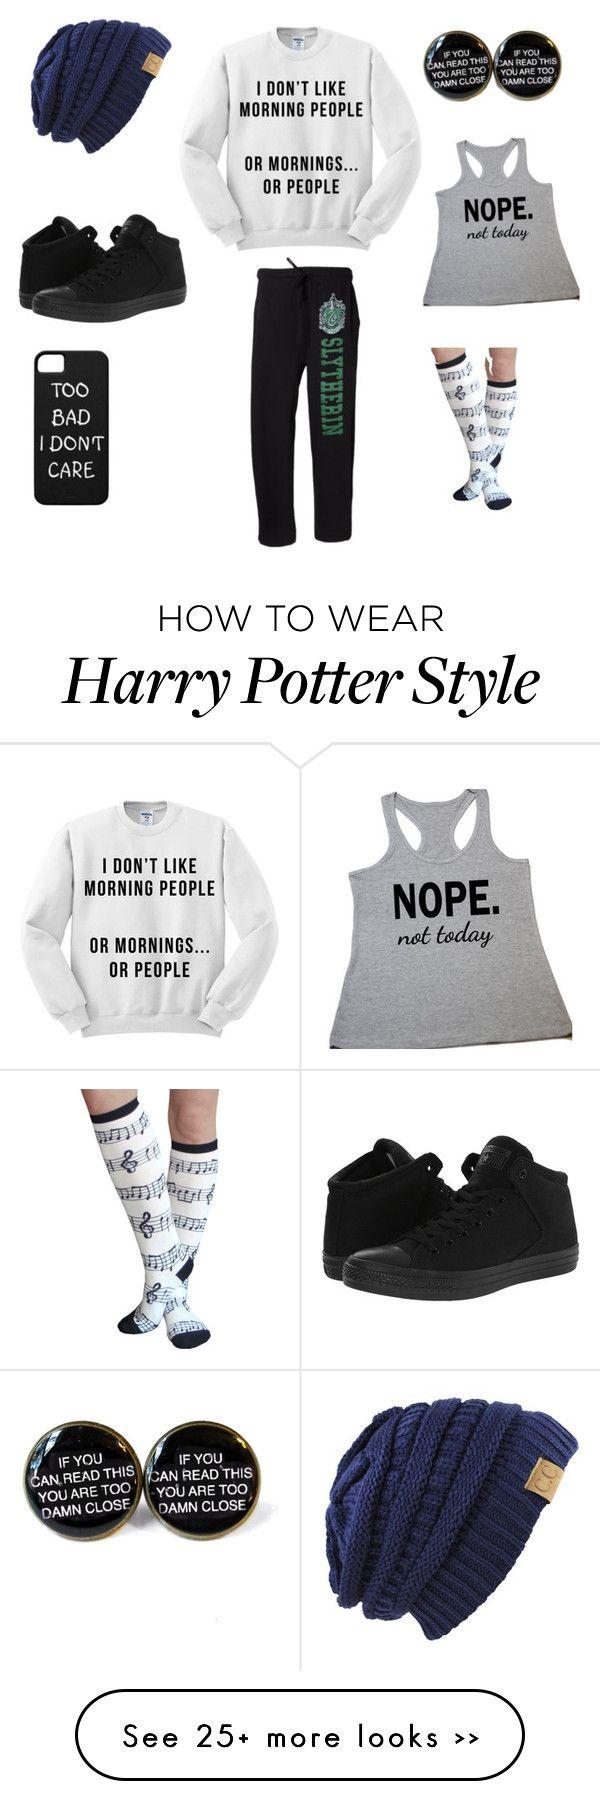 @de i need that sweatshirt